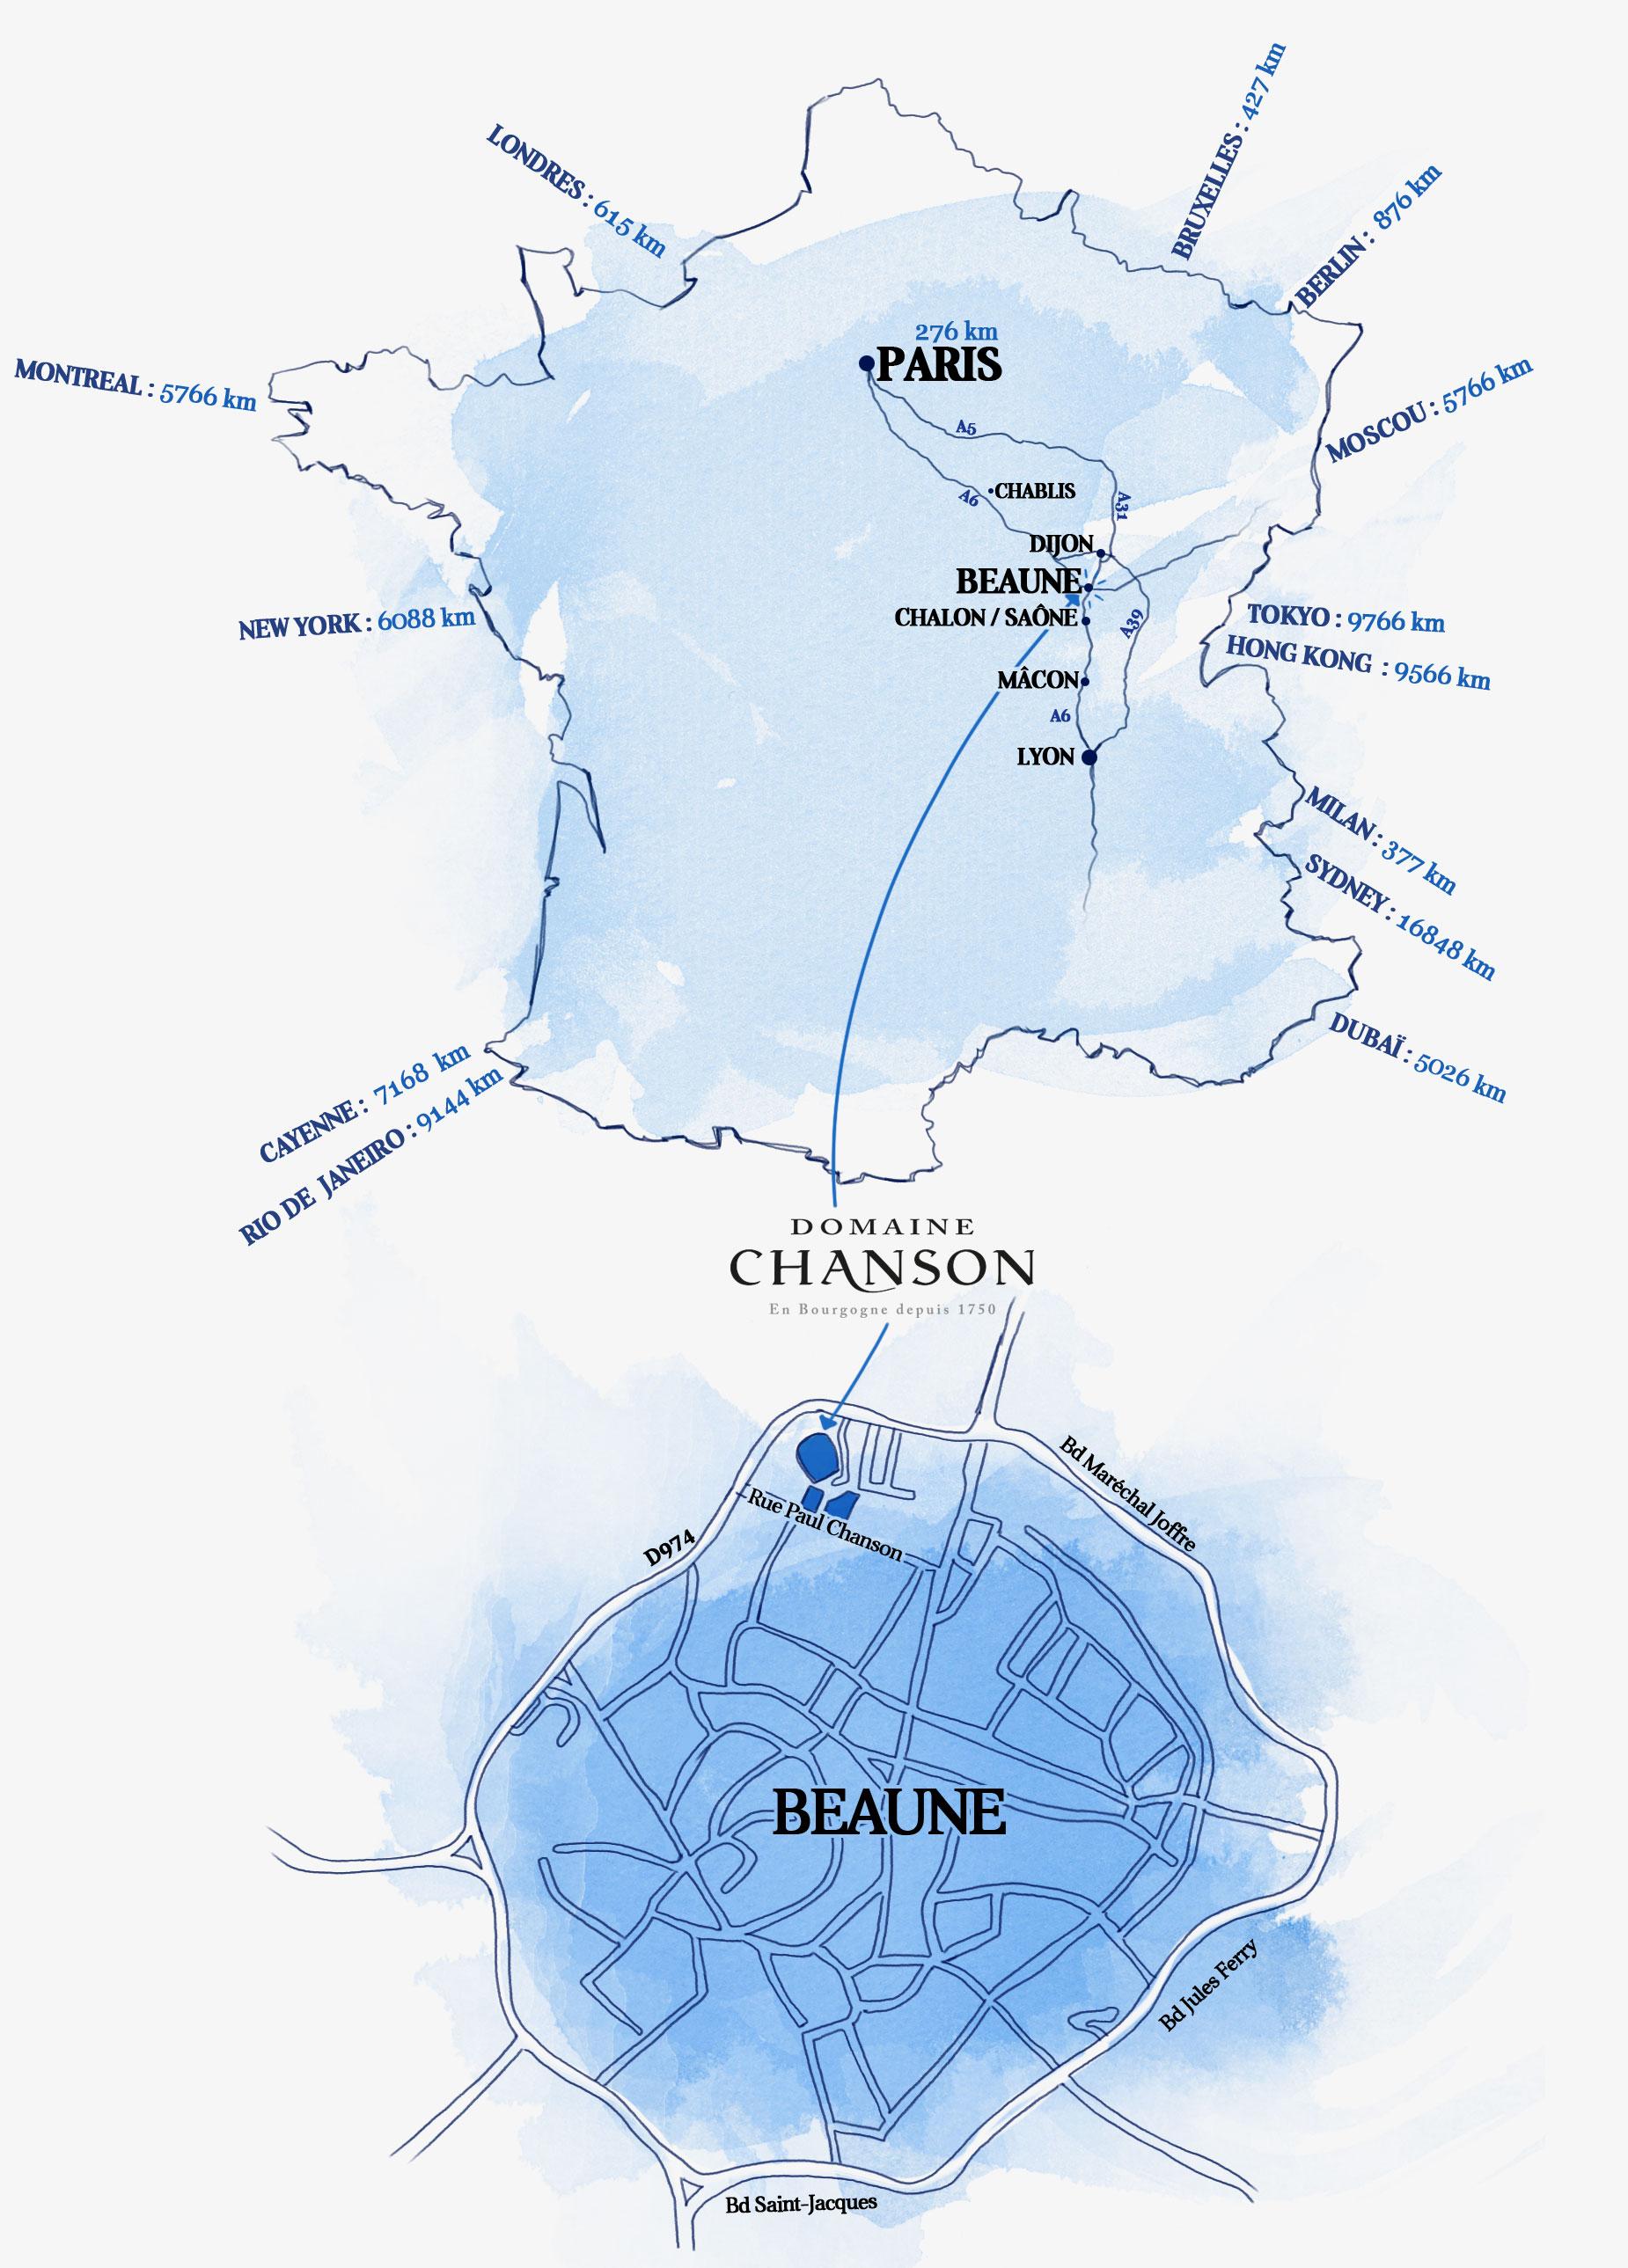 Plan d'accès au Domaine Chanson